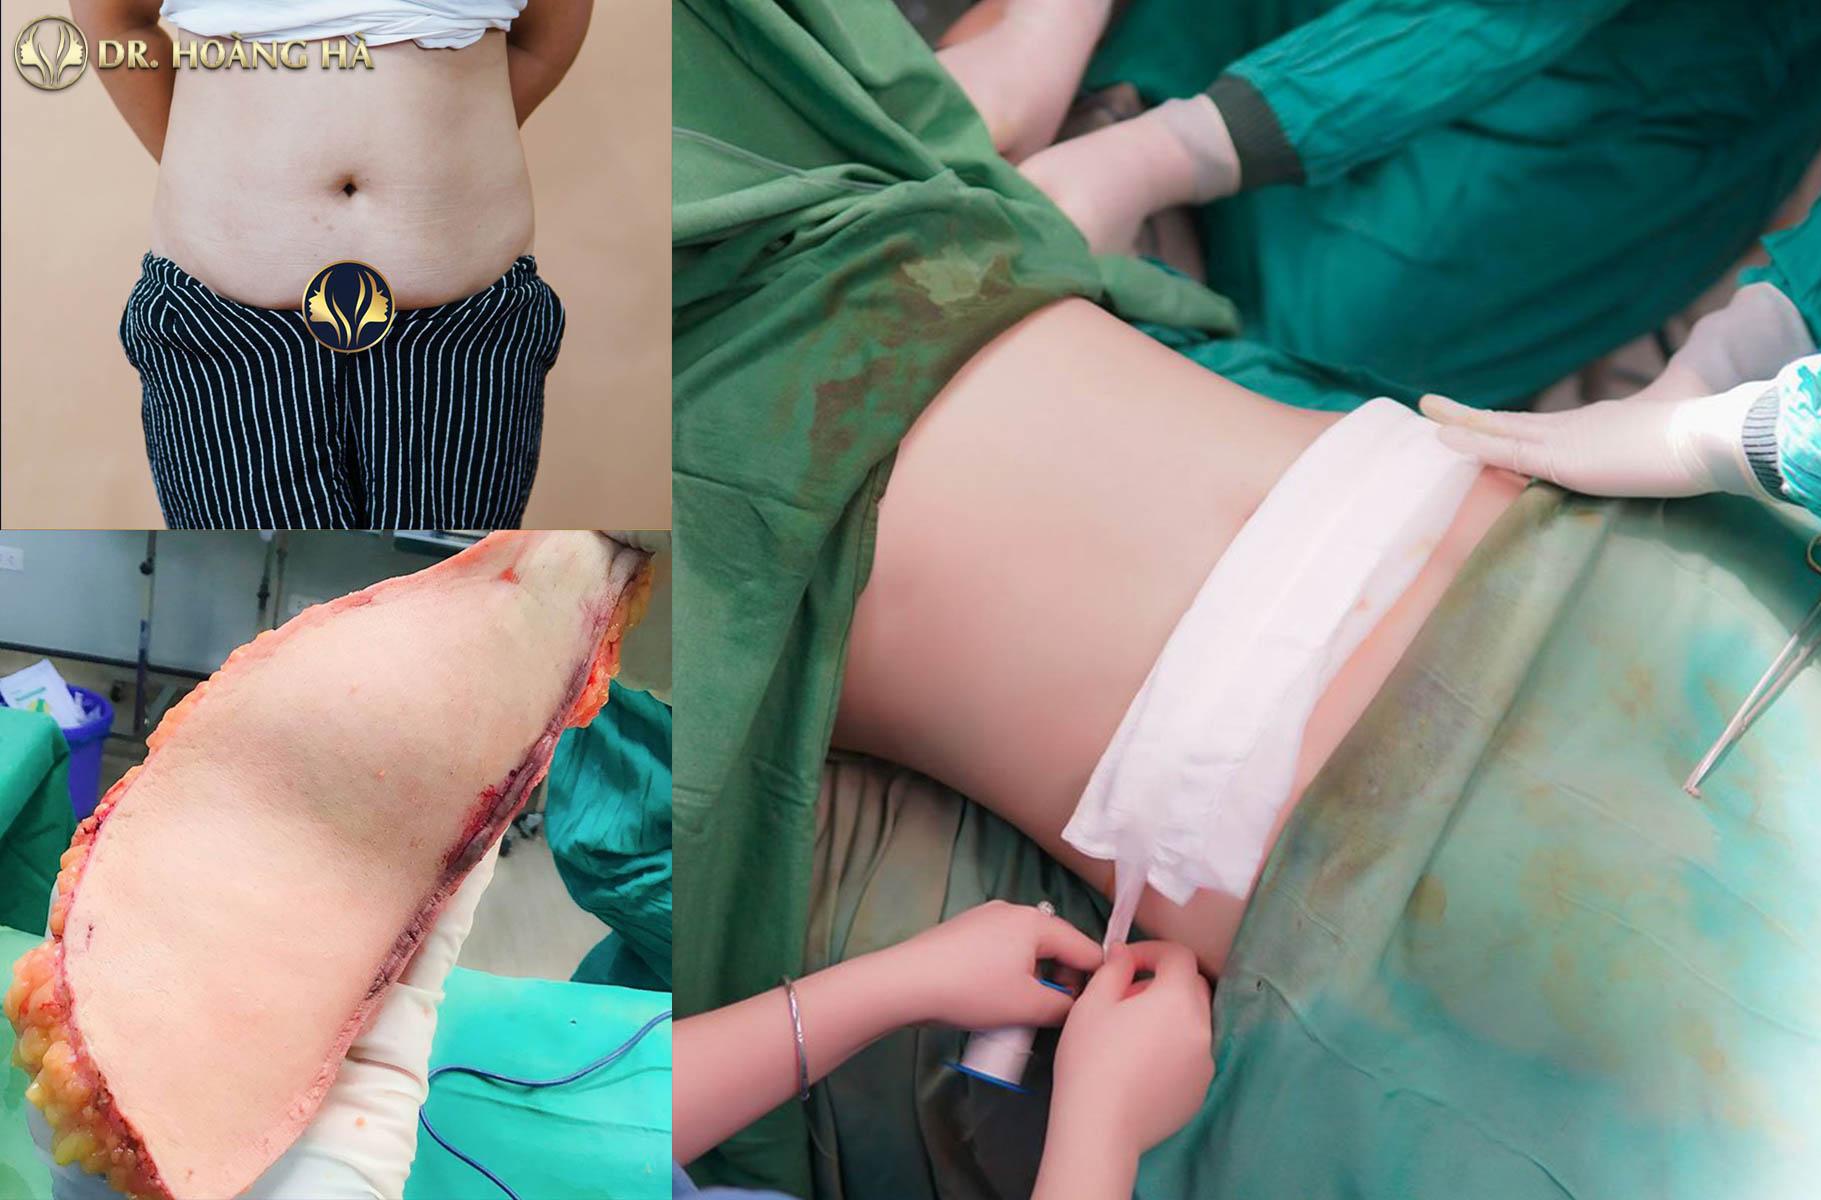 Khách hàng sau khi hút mỡ tạo hình thành bụng tại Dr Hoàng Hà